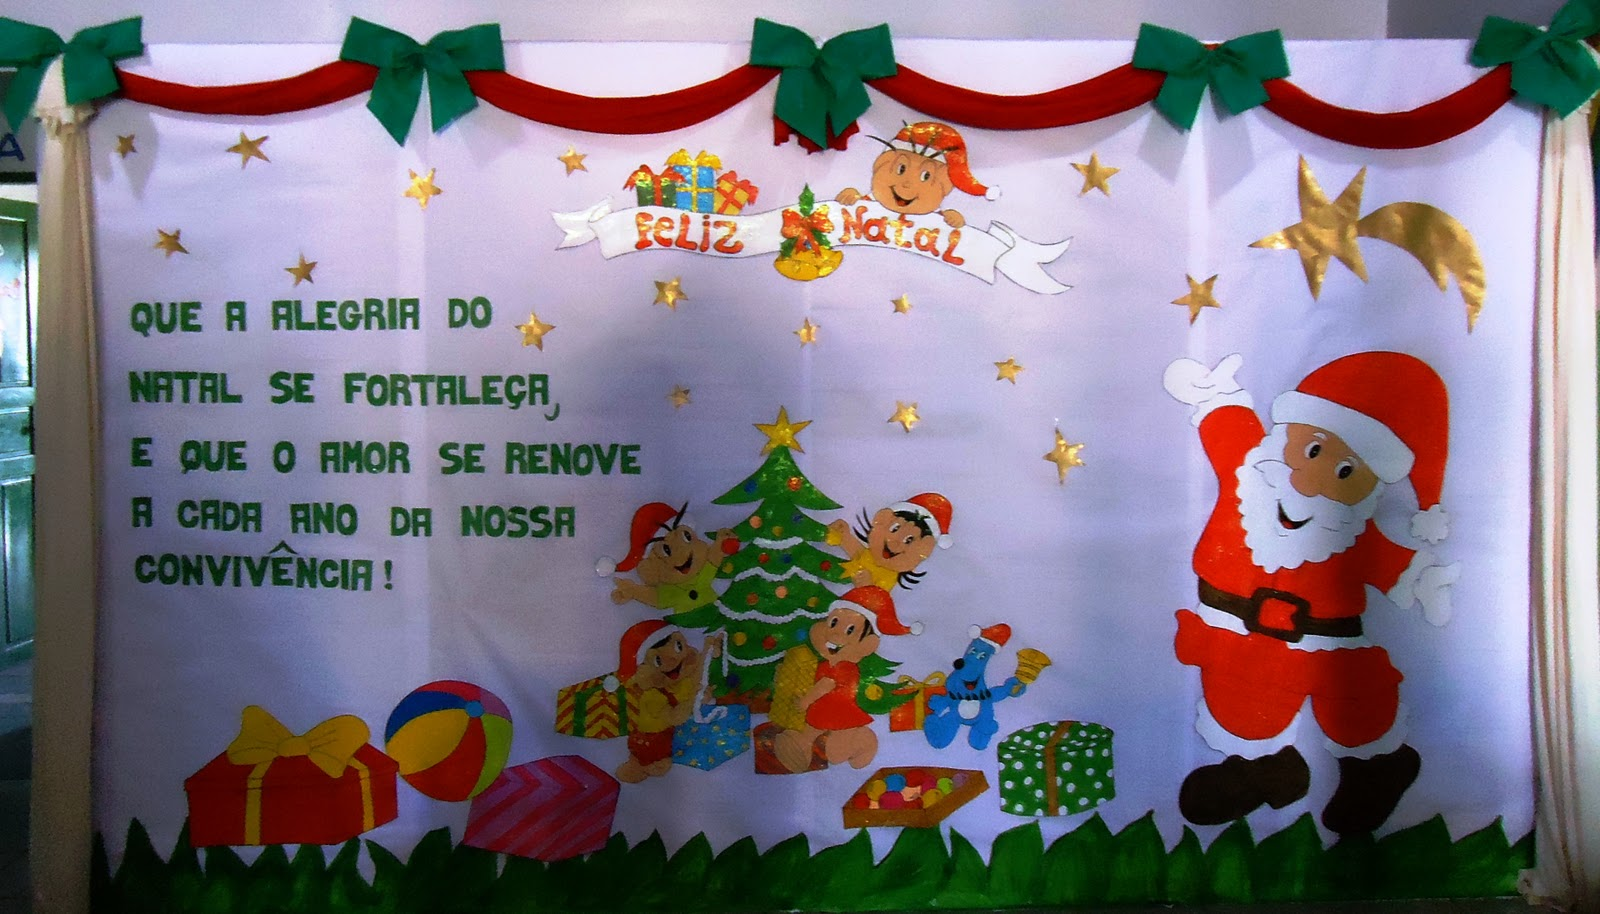 Wcb criatividades mural de natal for Mural sobre o natal